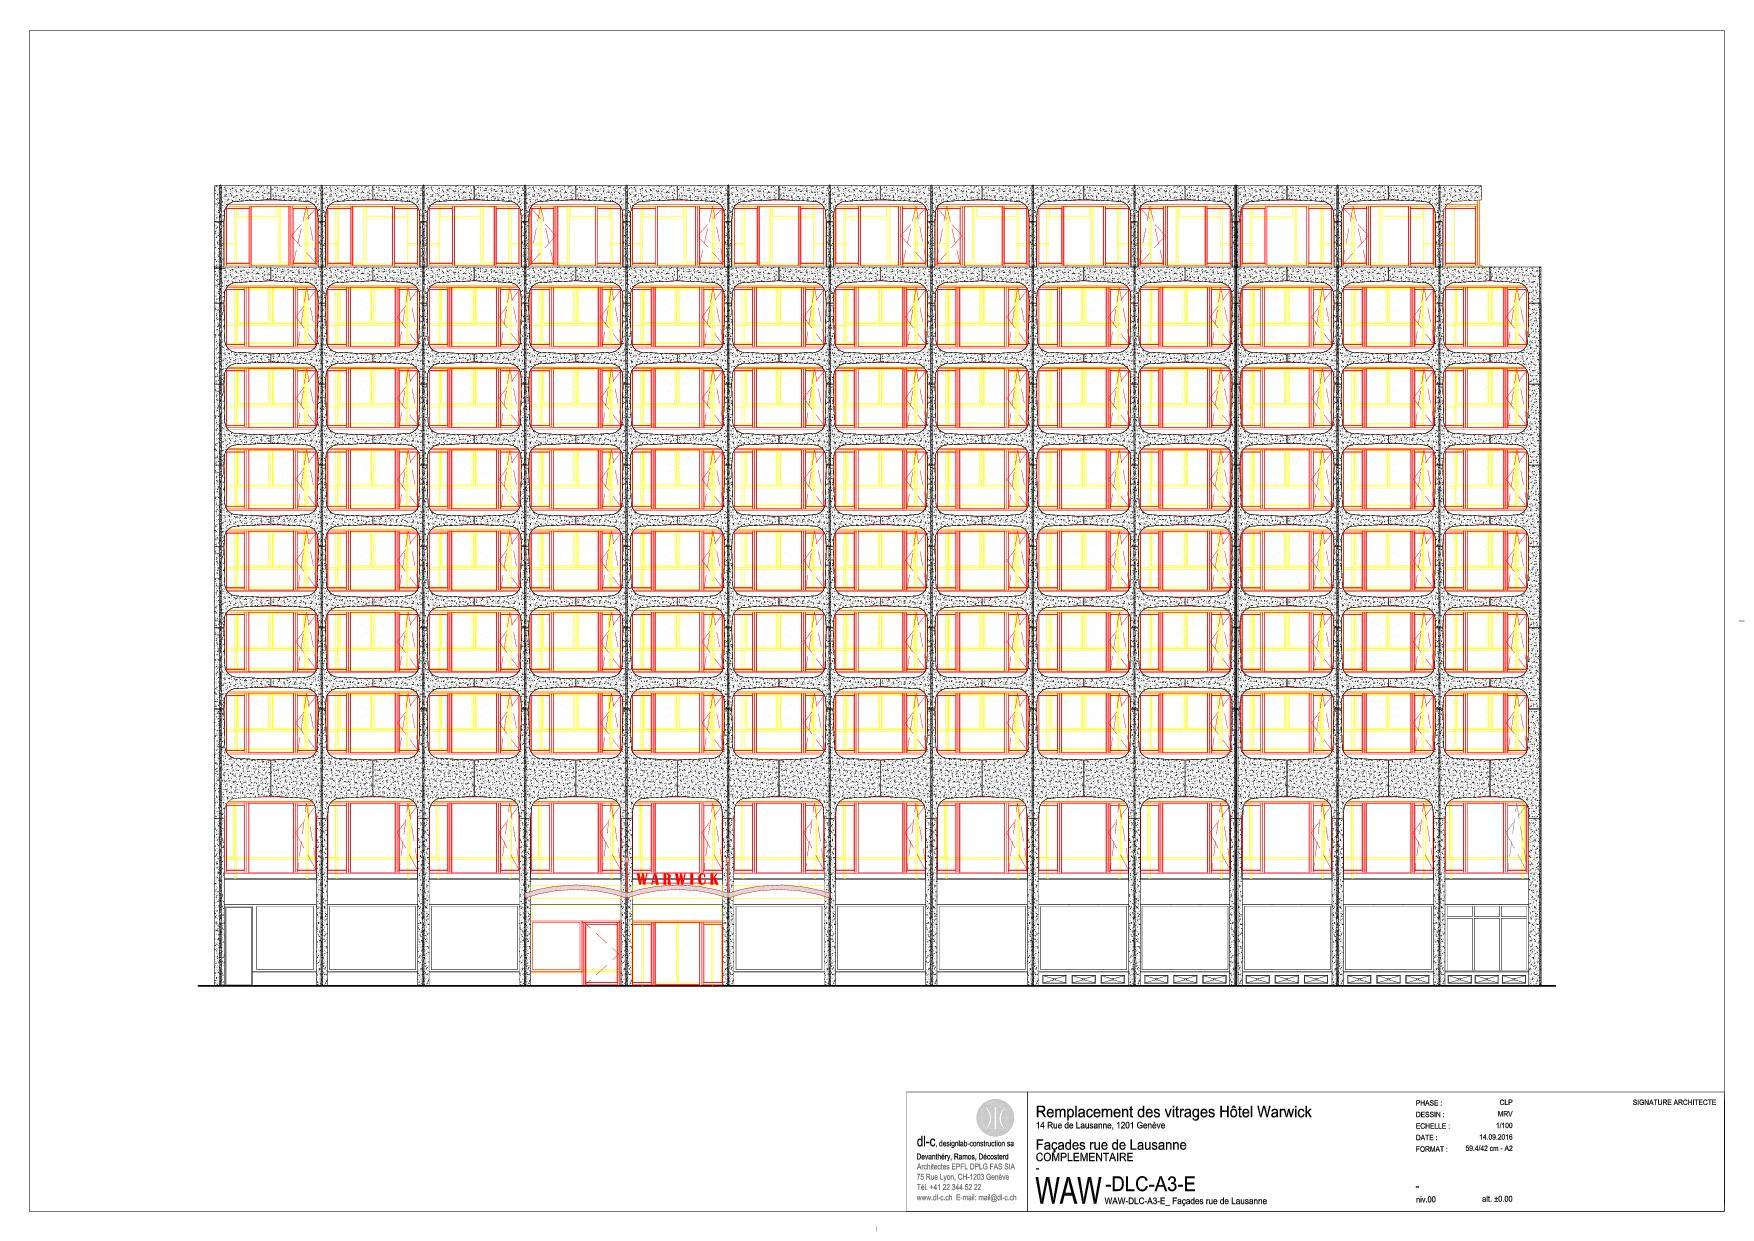 Façade Rue de Lausanne Rénovation de façade à l'hôtel Warwick  de dl-c, designlab-construction sa